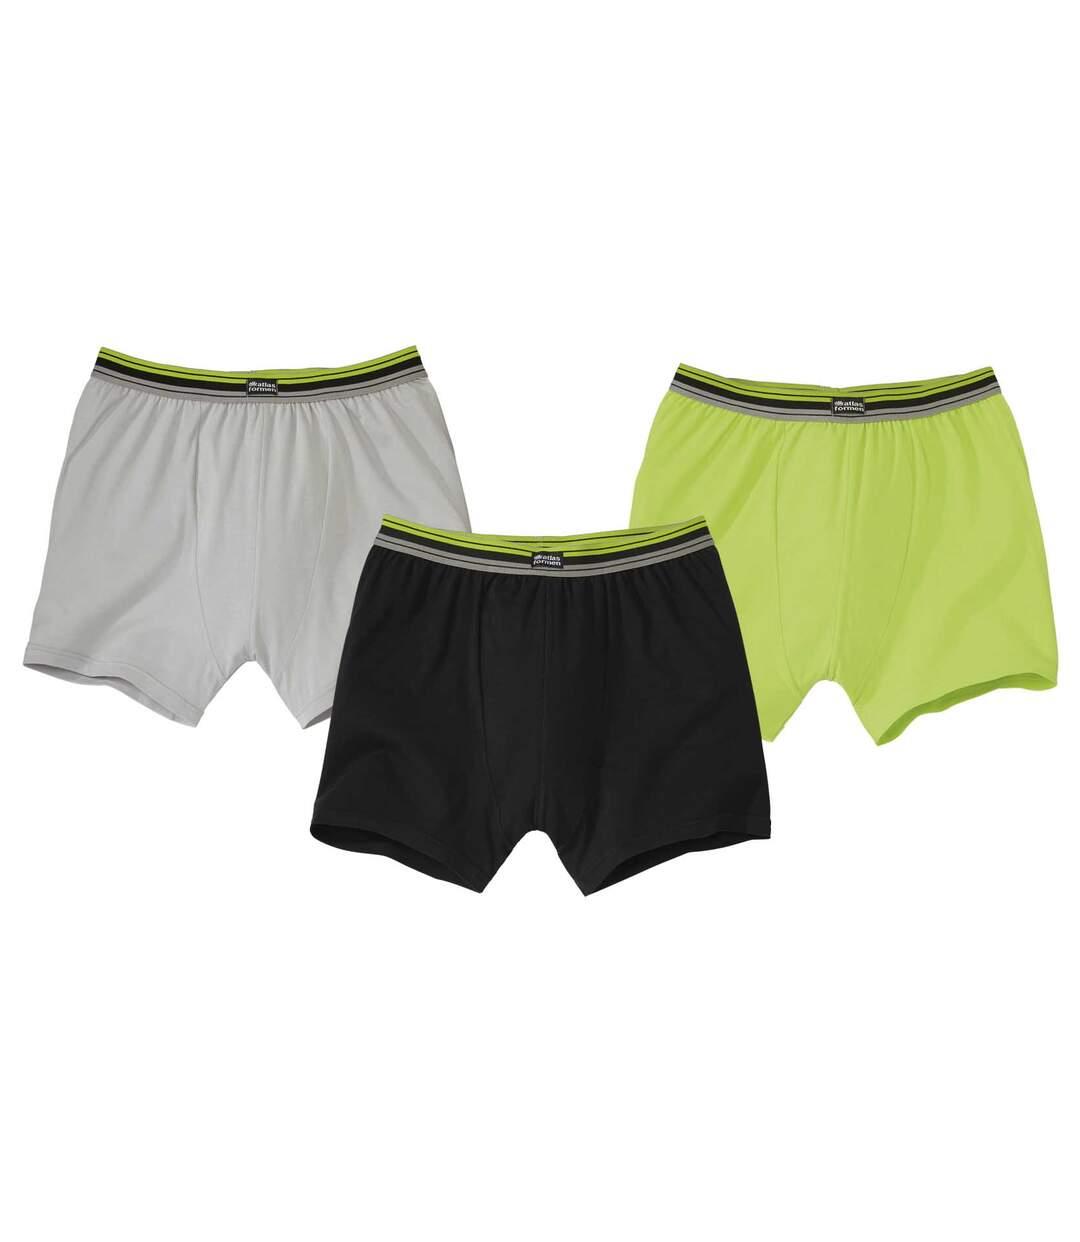 Sada 3 pohodlných strečových boxerek